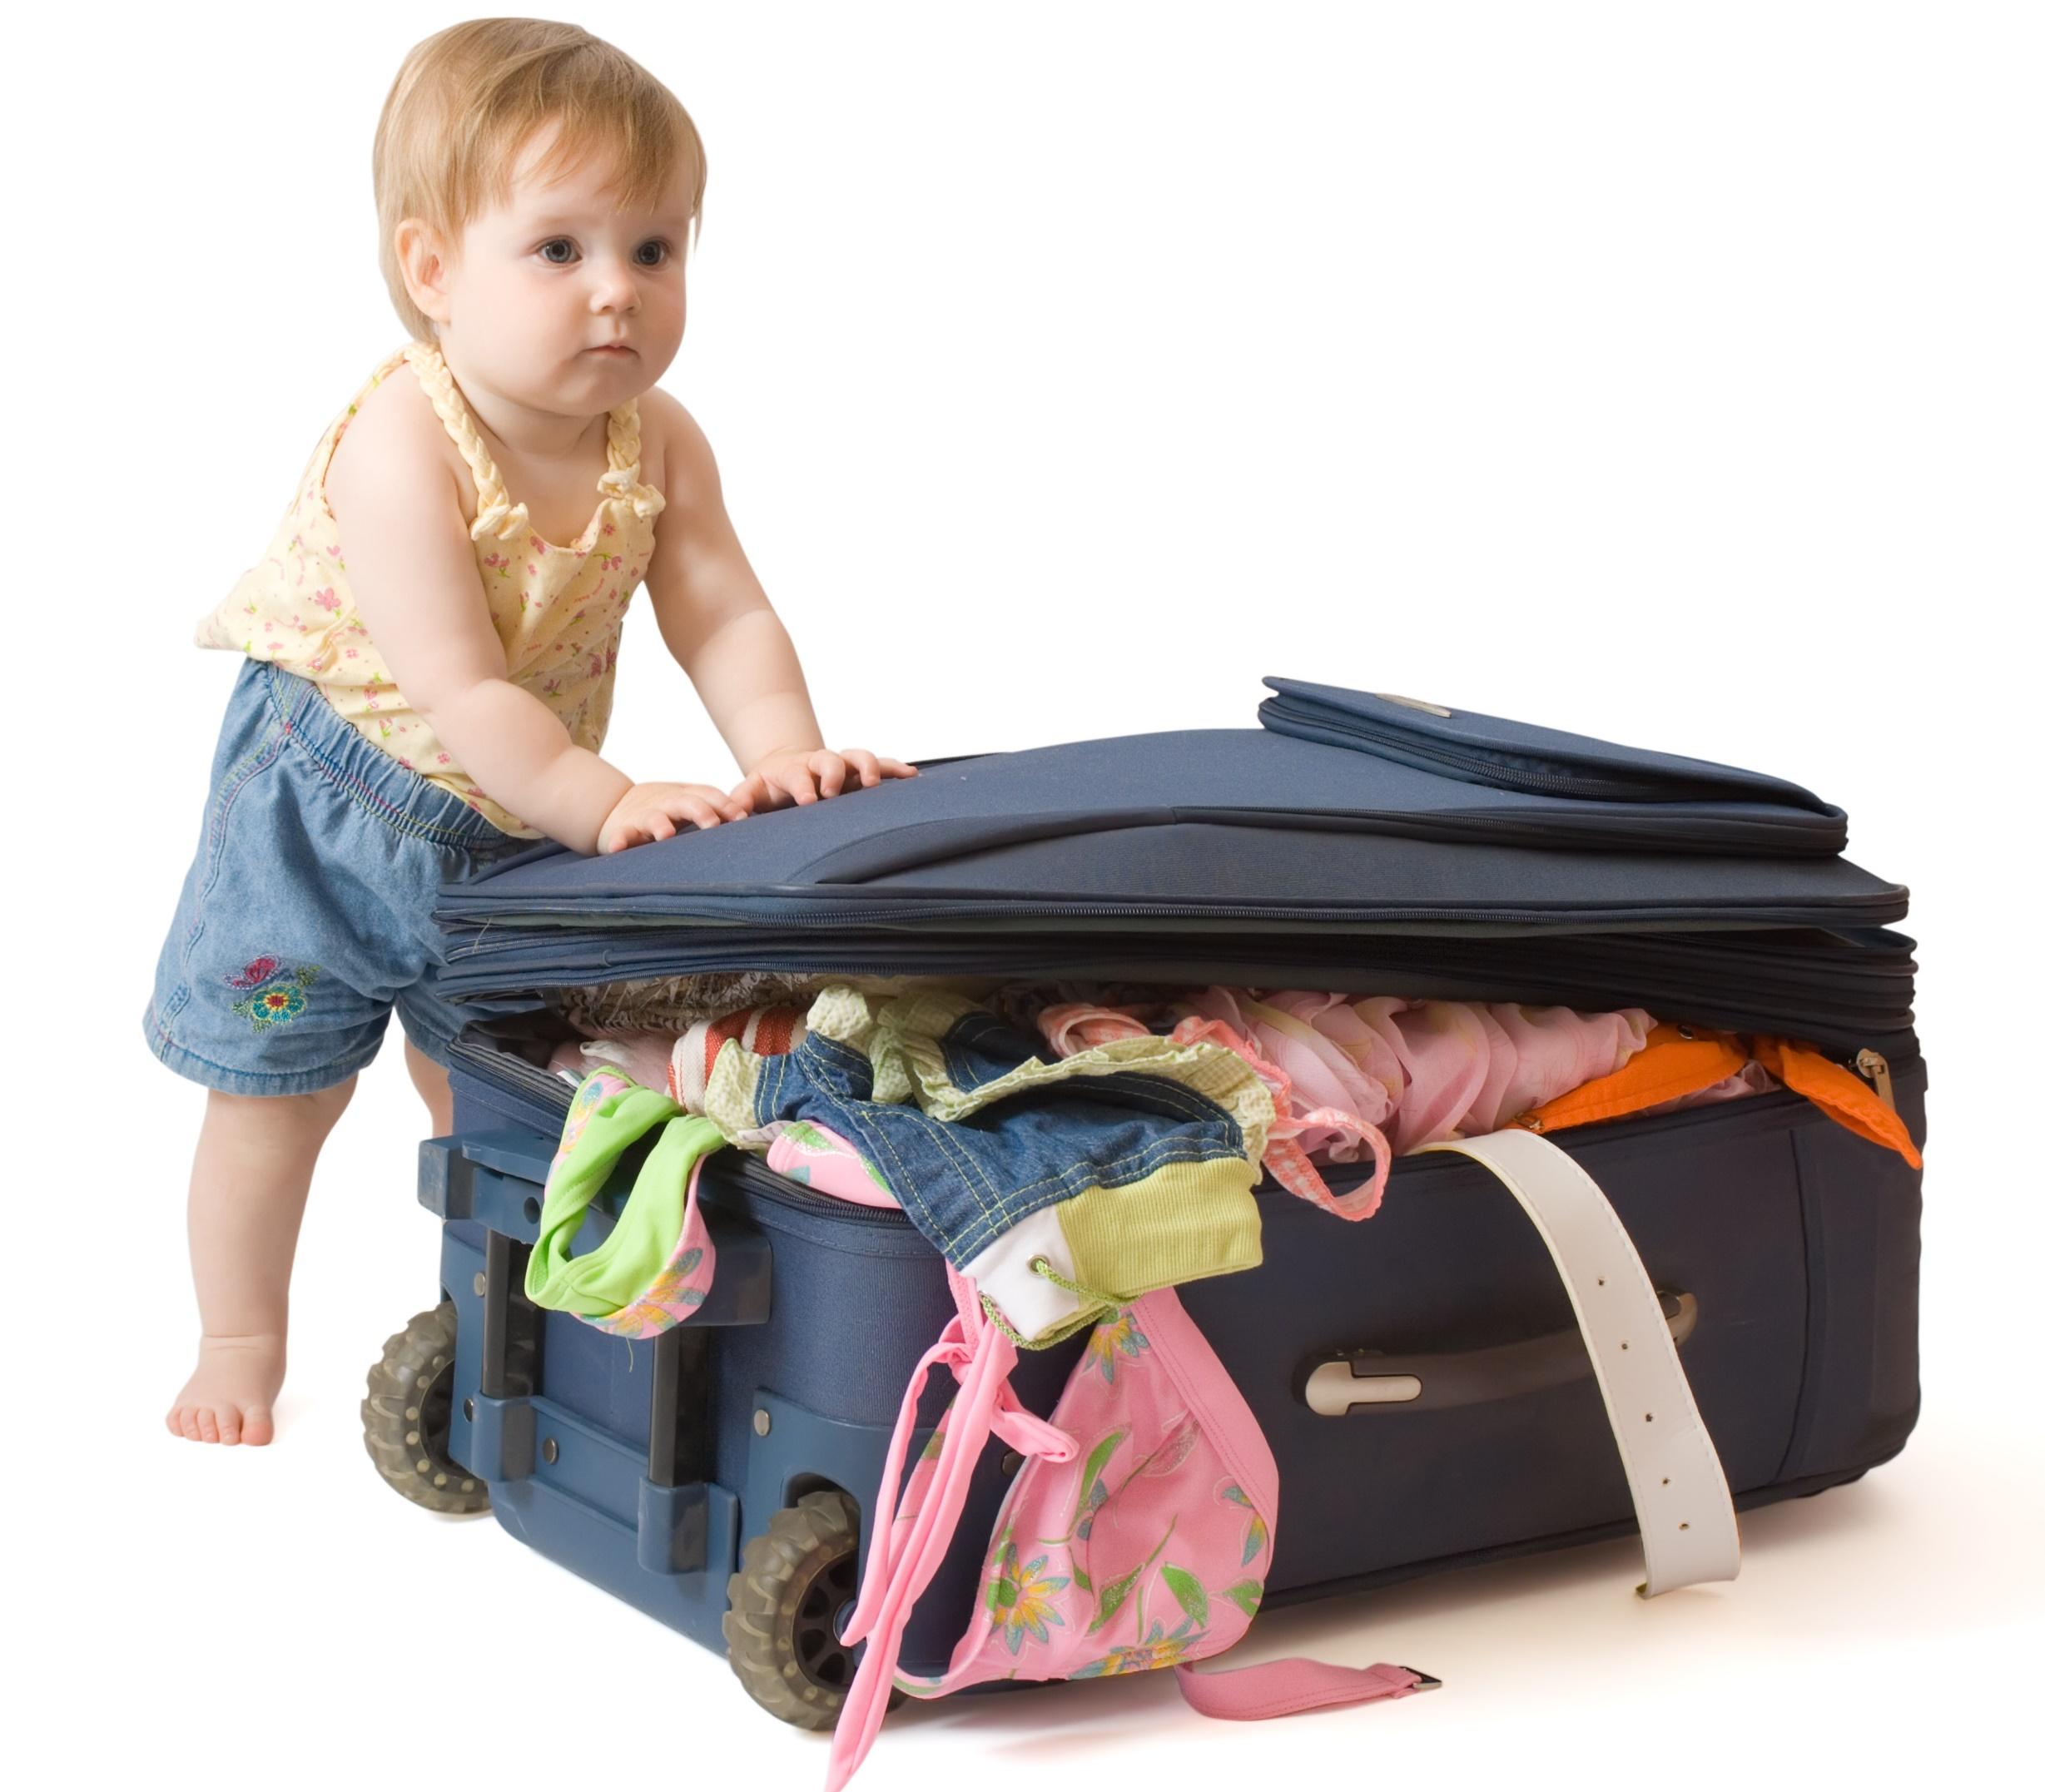 ребенок с чемоданом.jpg